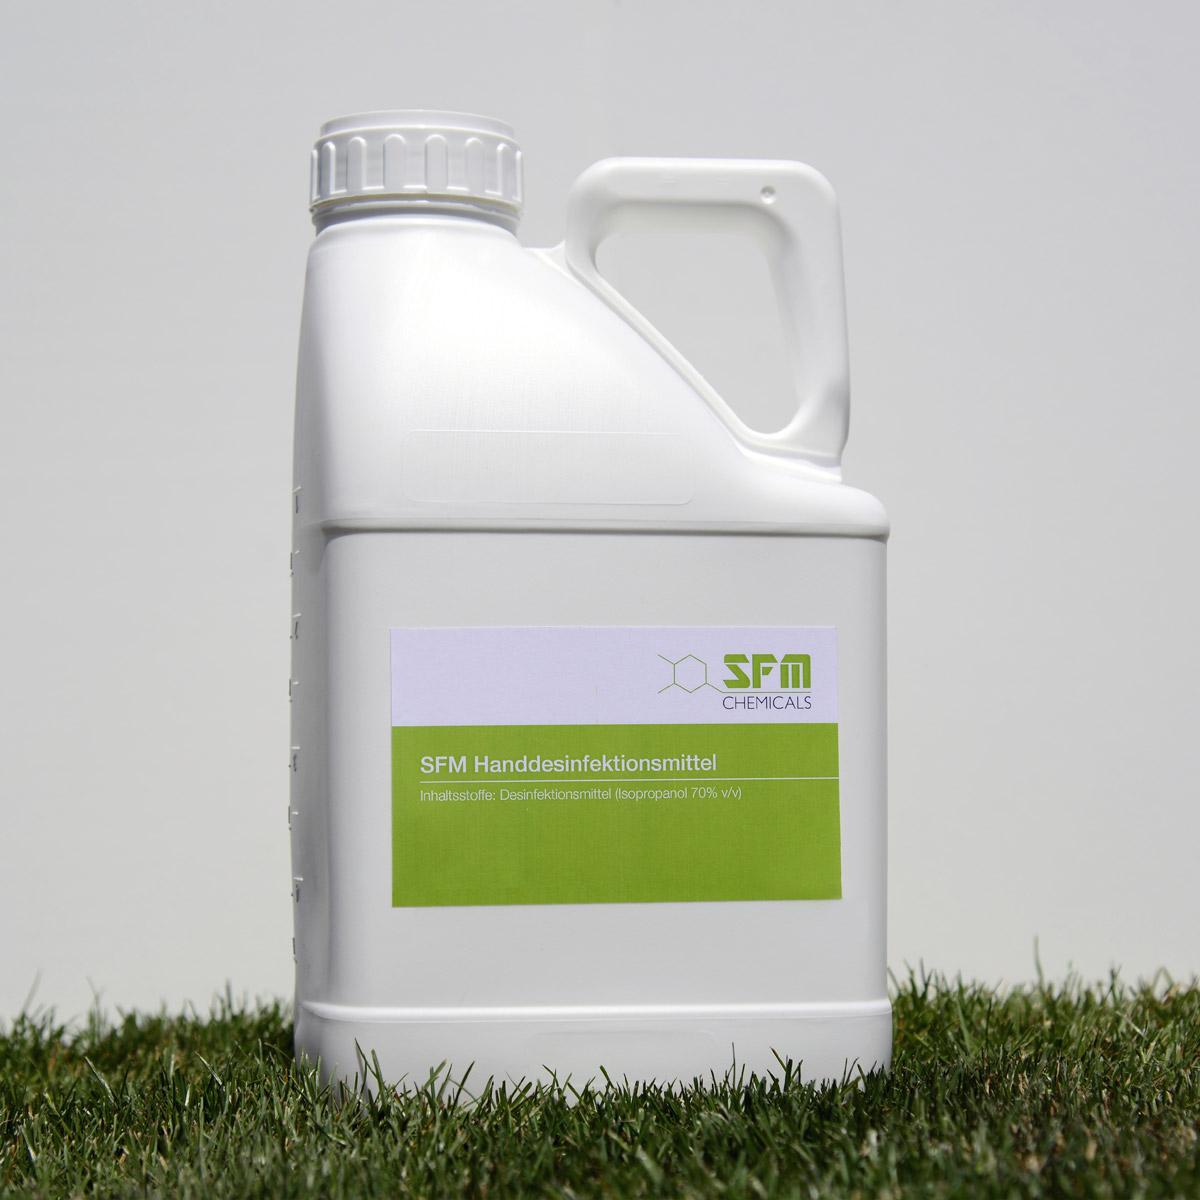 SFM Chemicals Ochsenfurt Desinfektion und Hygiene